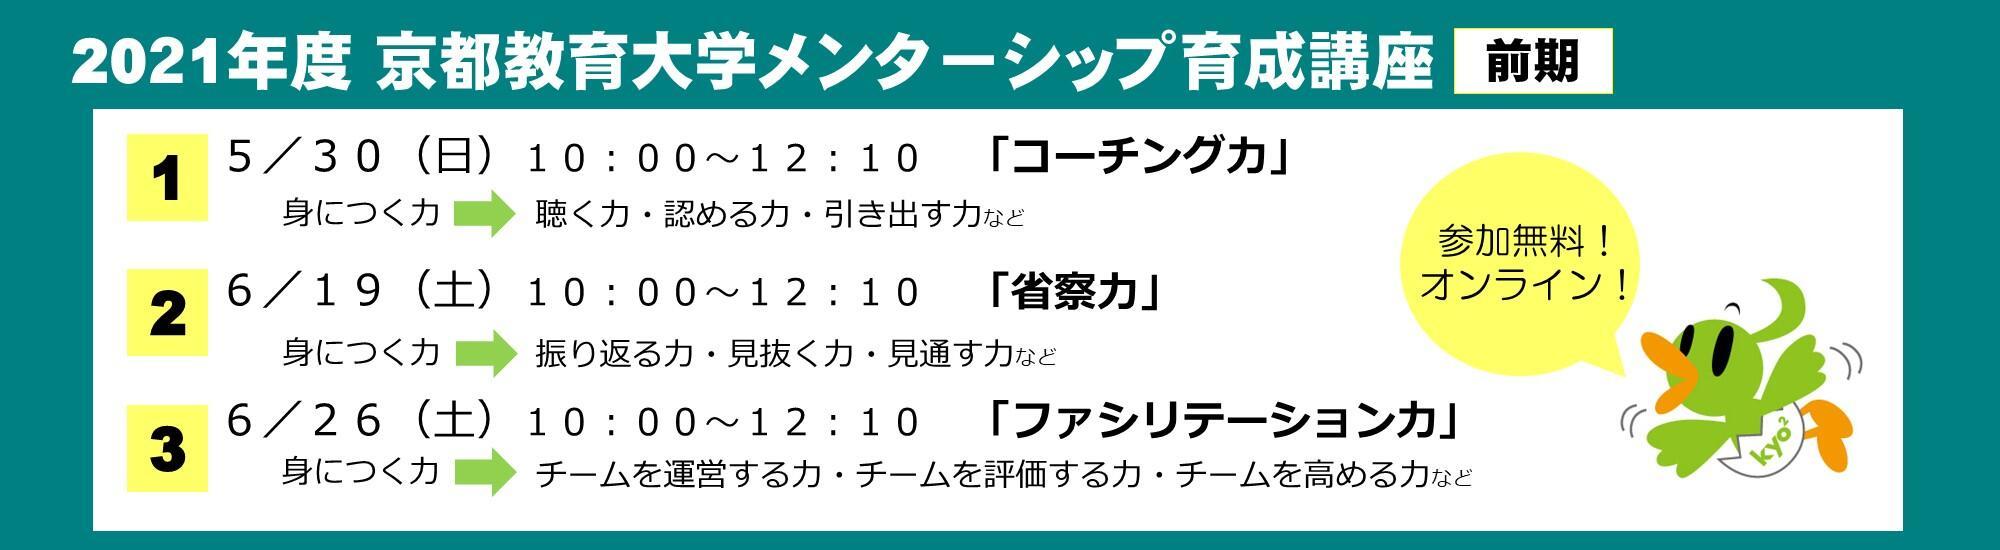 2021年度京都教育大学メンターシップ育成講座